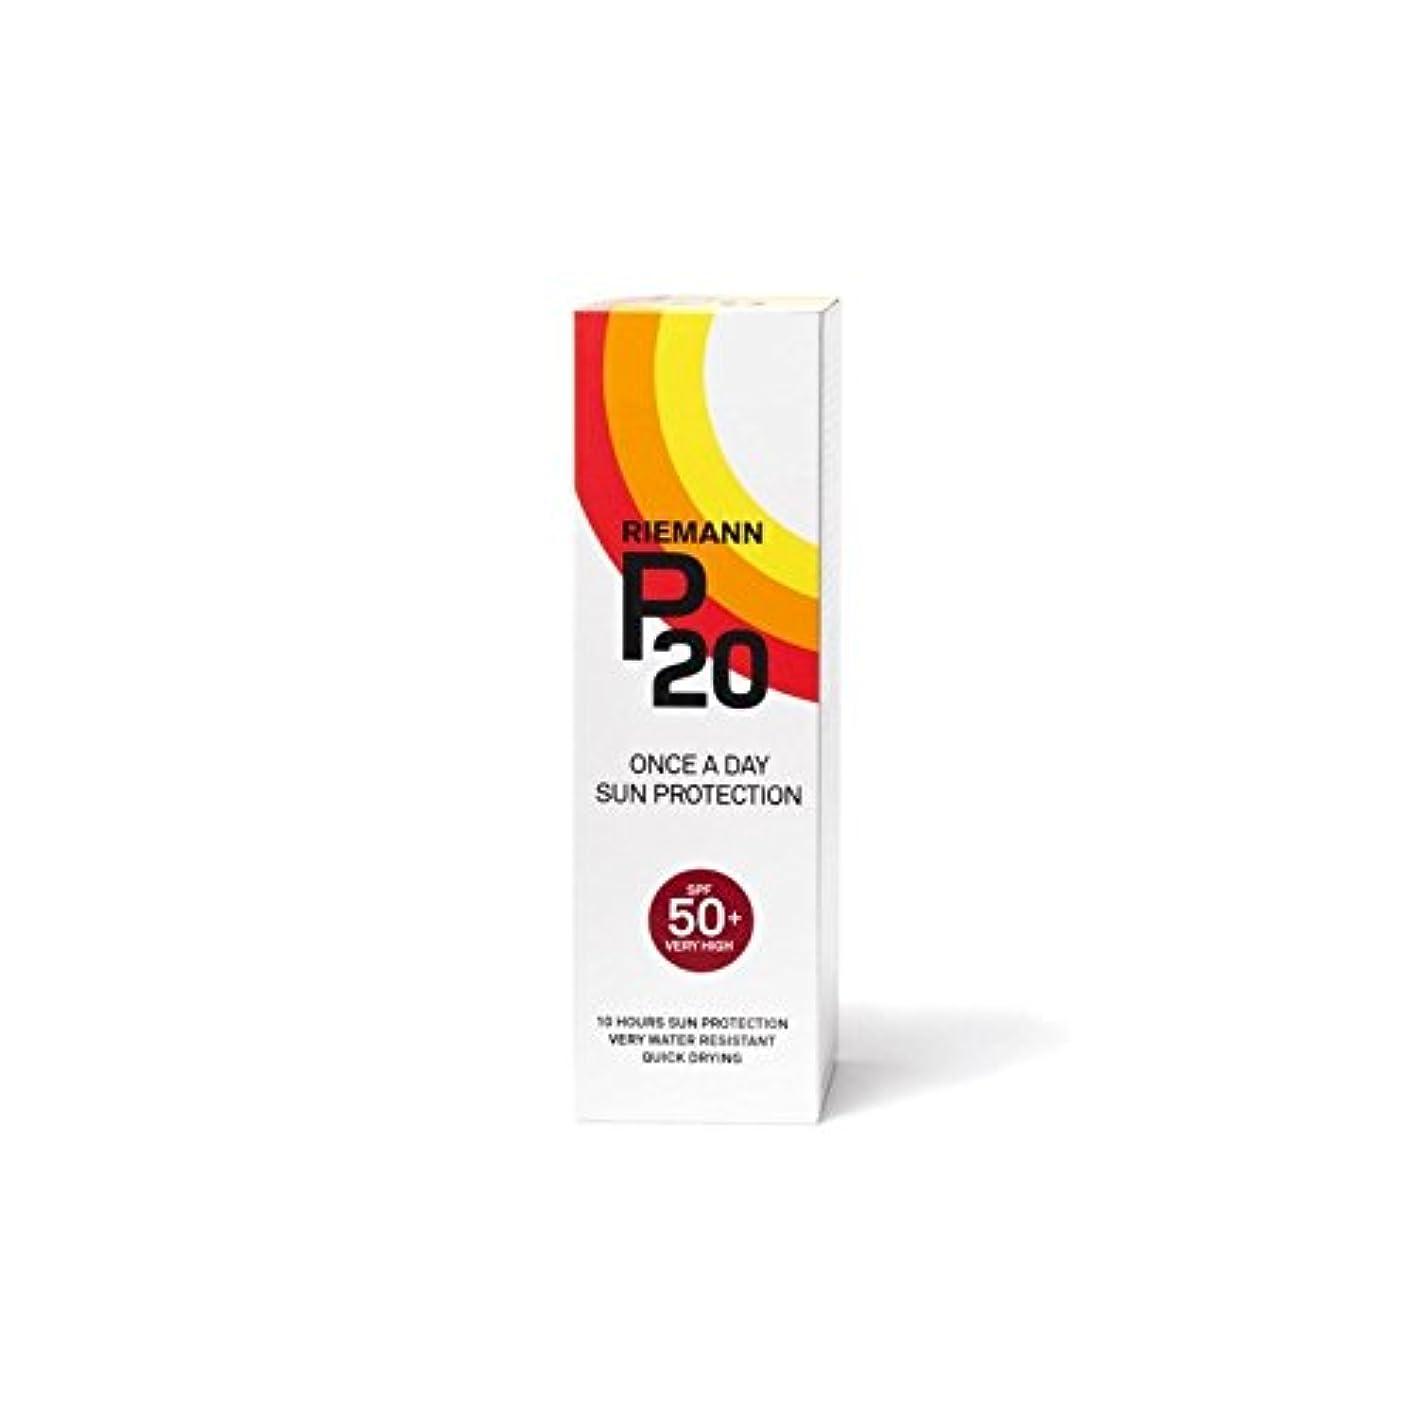 バケット知覚できるボトルネックリーマン20太陽フィルター100ミリリットルの50 + x4 - Riemann P20 Sun Filter 100ml SPF50+ (Pack of 4) [並行輸入品]